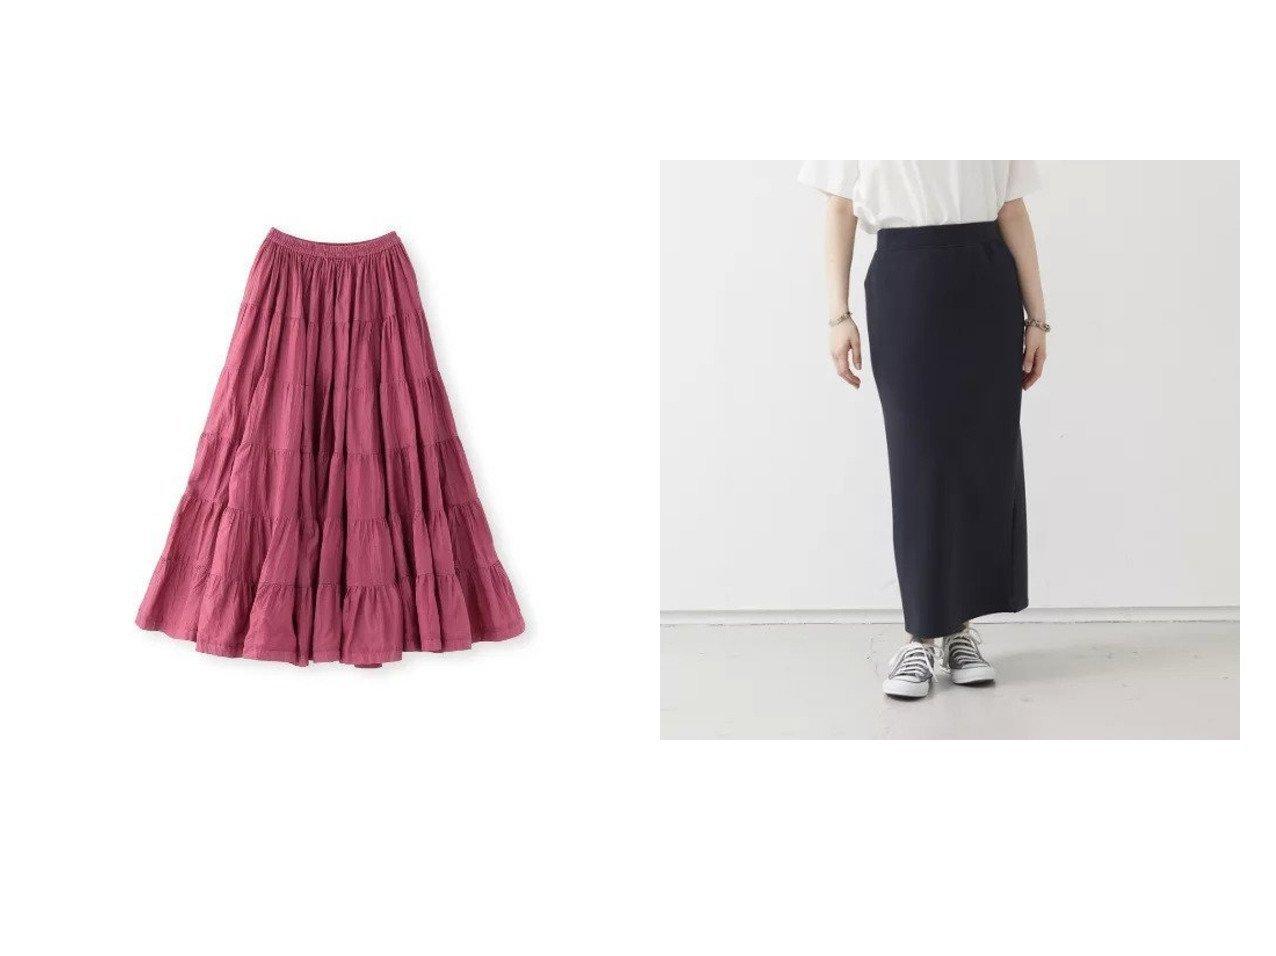 【collex/コレックス】の【WEB限定】ダンボールタイトスカート&【EPOCA THE SHOP/エポカ ザ ショップ】の【MARIHA】草原の虹のスカート(無地) 【スカート】おすすめ!人気、トレンド・レディースファッションの通販 おすすめで人気の流行・トレンド、ファッションの通販商品 インテリア・家具・メンズファッション・キッズファッション・レディースファッション・服の通販 founy(ファニー) https://founy.com/ ファッション Fashion レディースファッション WOMEN スカート Skirt インド エレガント コレクション シルク シンプル ジュエリー ドレス フェミニン フラット マキシ 無地 ライニング ロング おすすめ Recommend お家時間・ステイホーム Home Time/Stay Home スリット セットアップ トレンド パーカー |ID:crp329100000071377